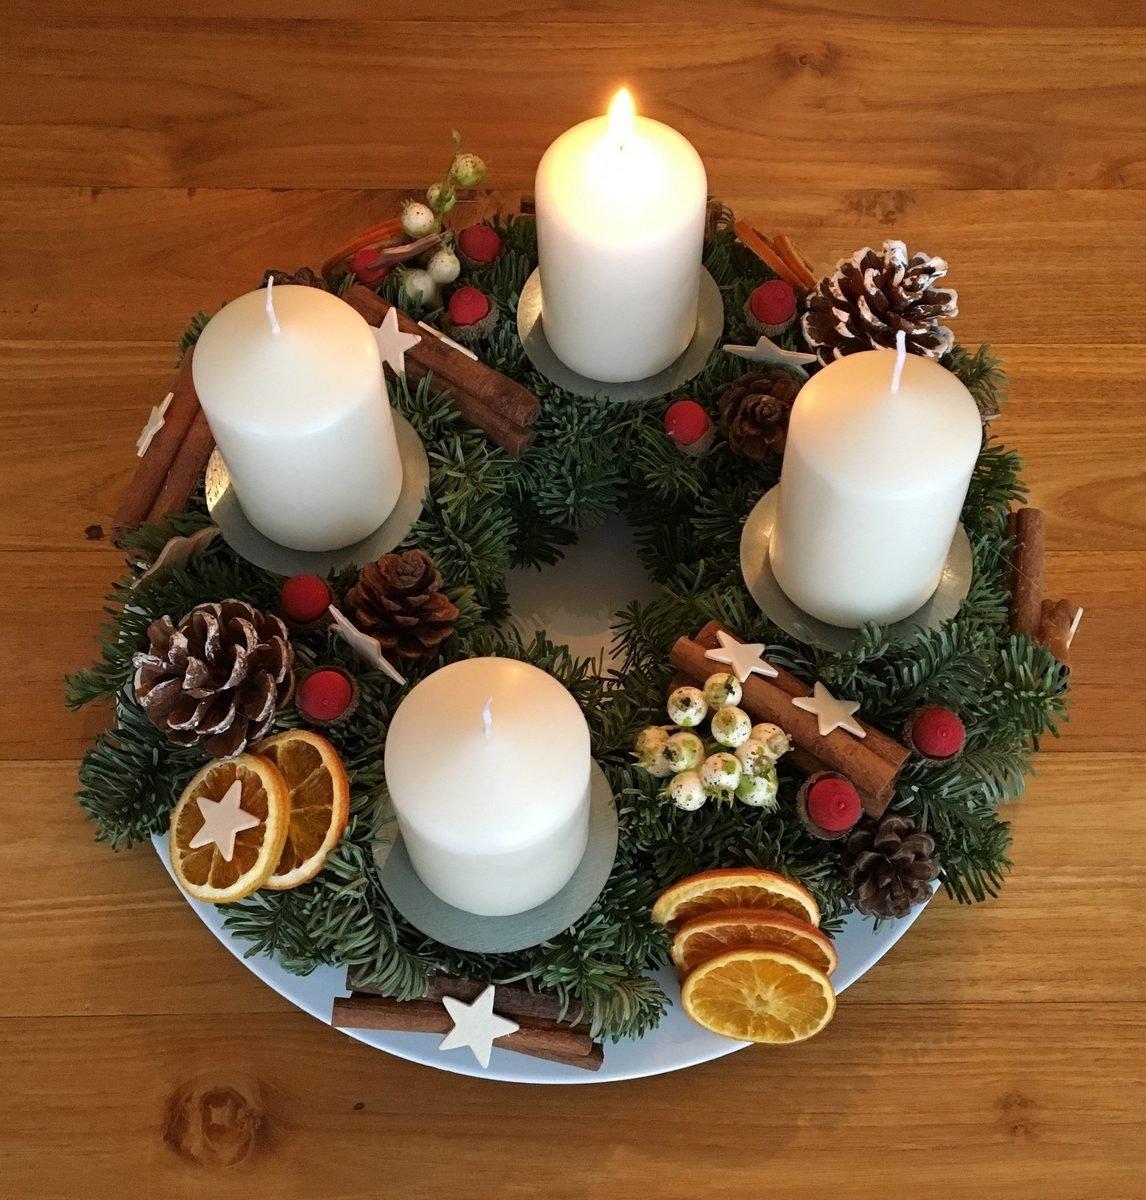 Adventkranz für 1. Advent zünden